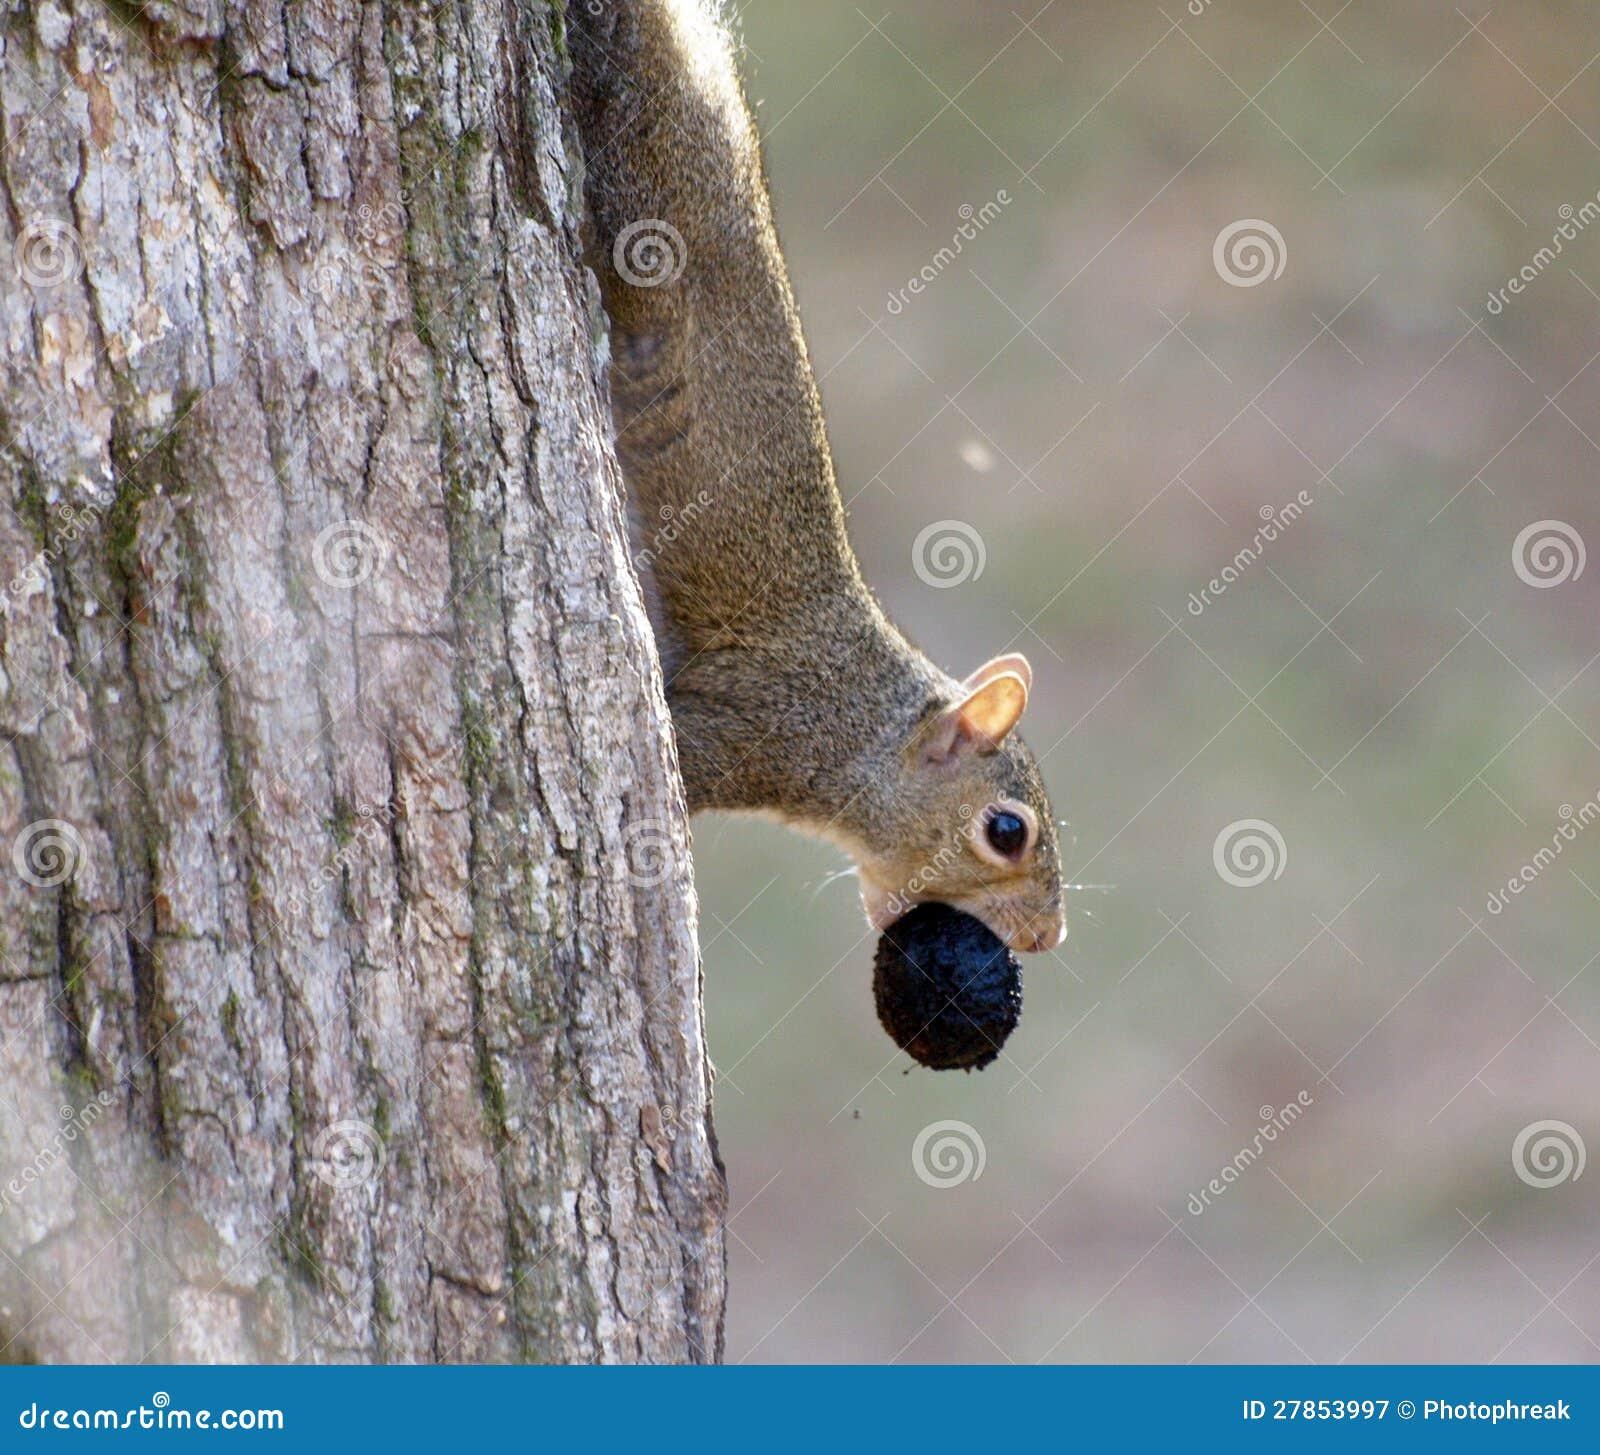 Wiewiórka z orzech włoski